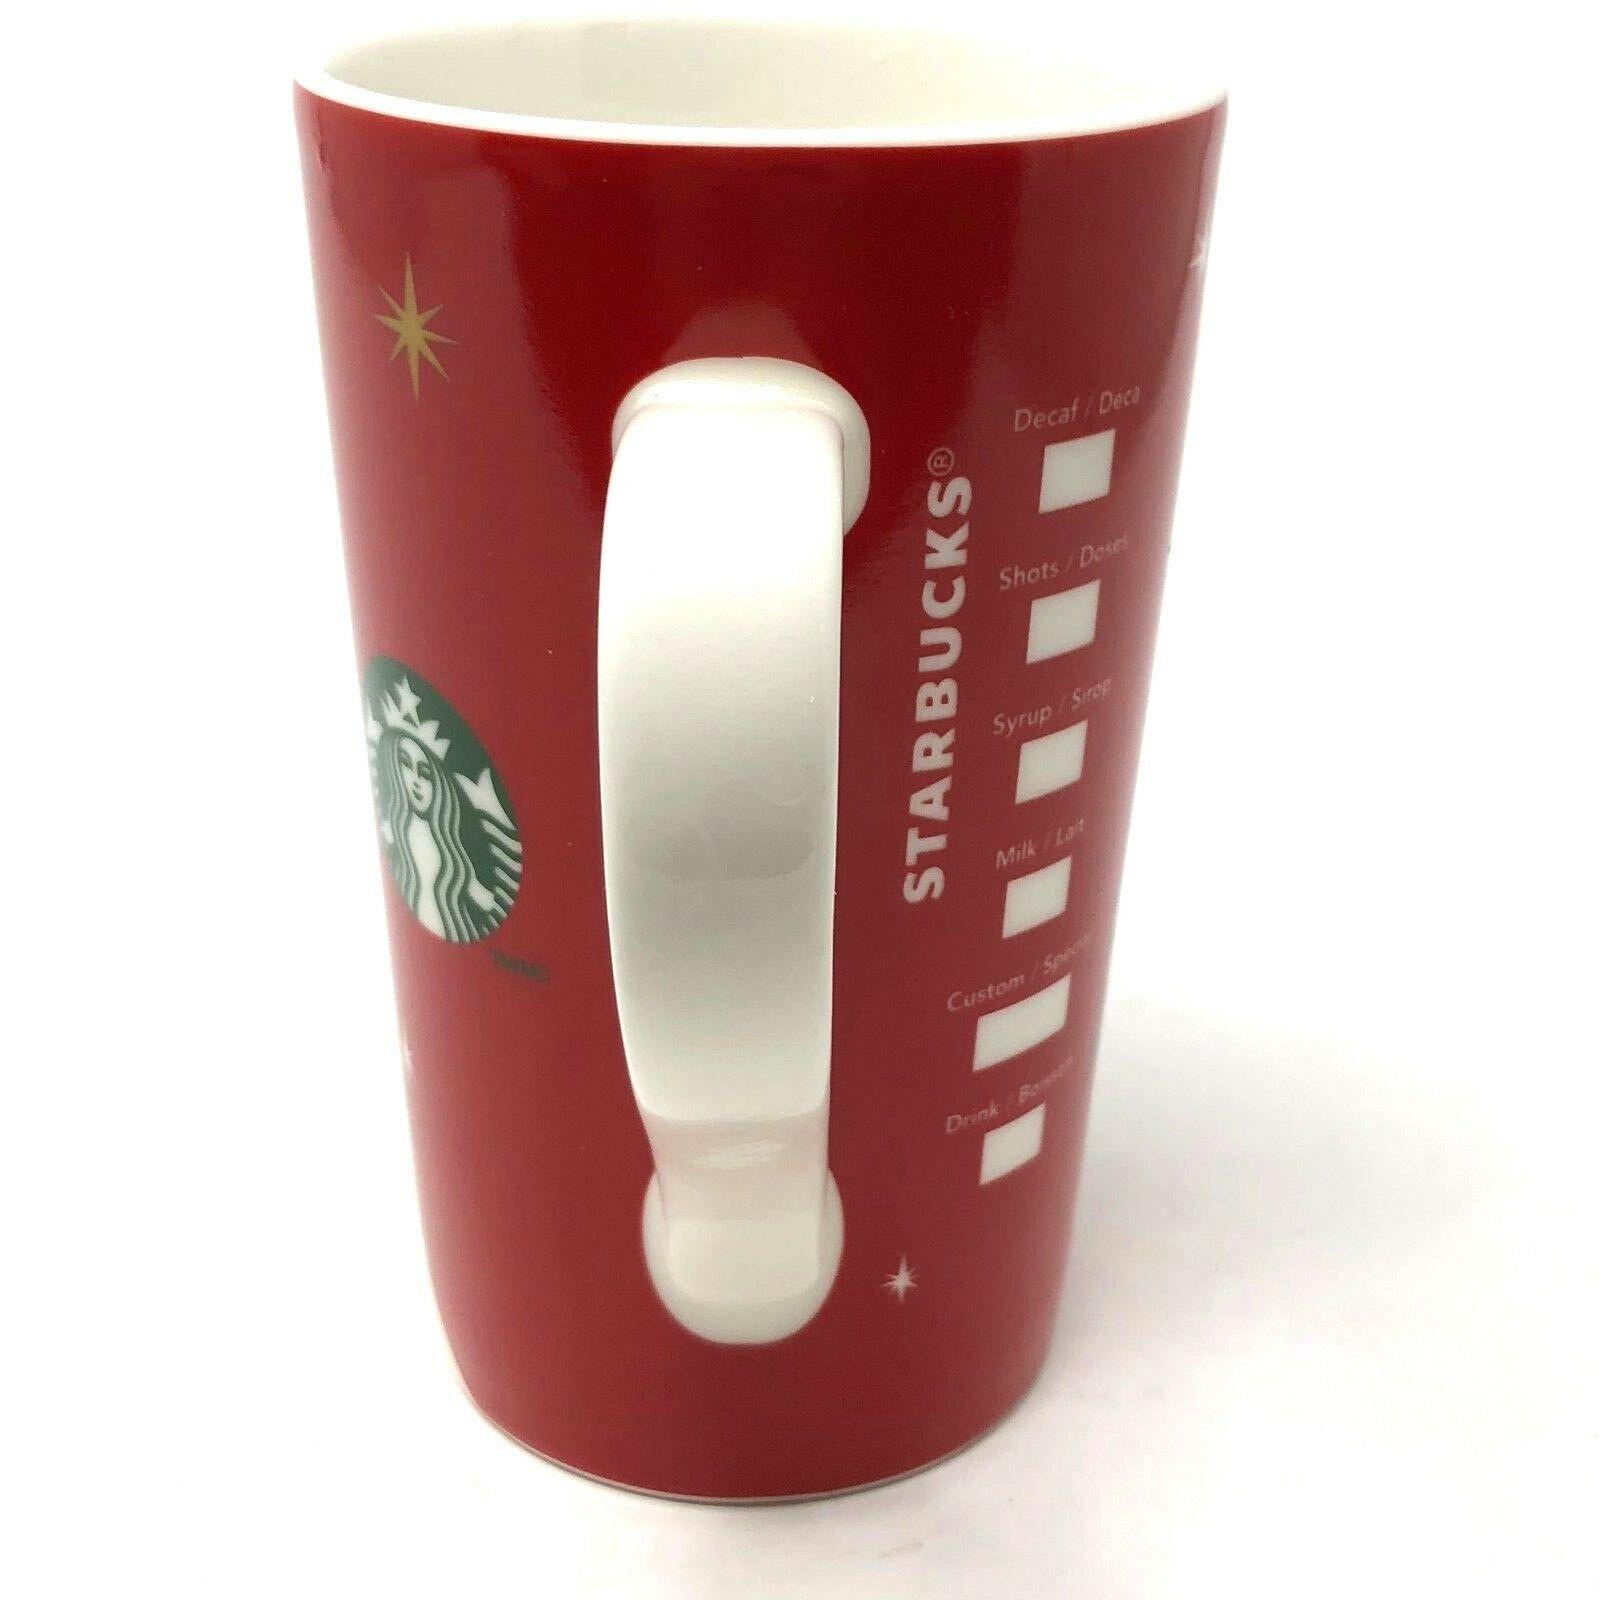 Starbucks Mug 2012 Holiday Christmas Snowman Grande Coffee Cup 16 oz image 2